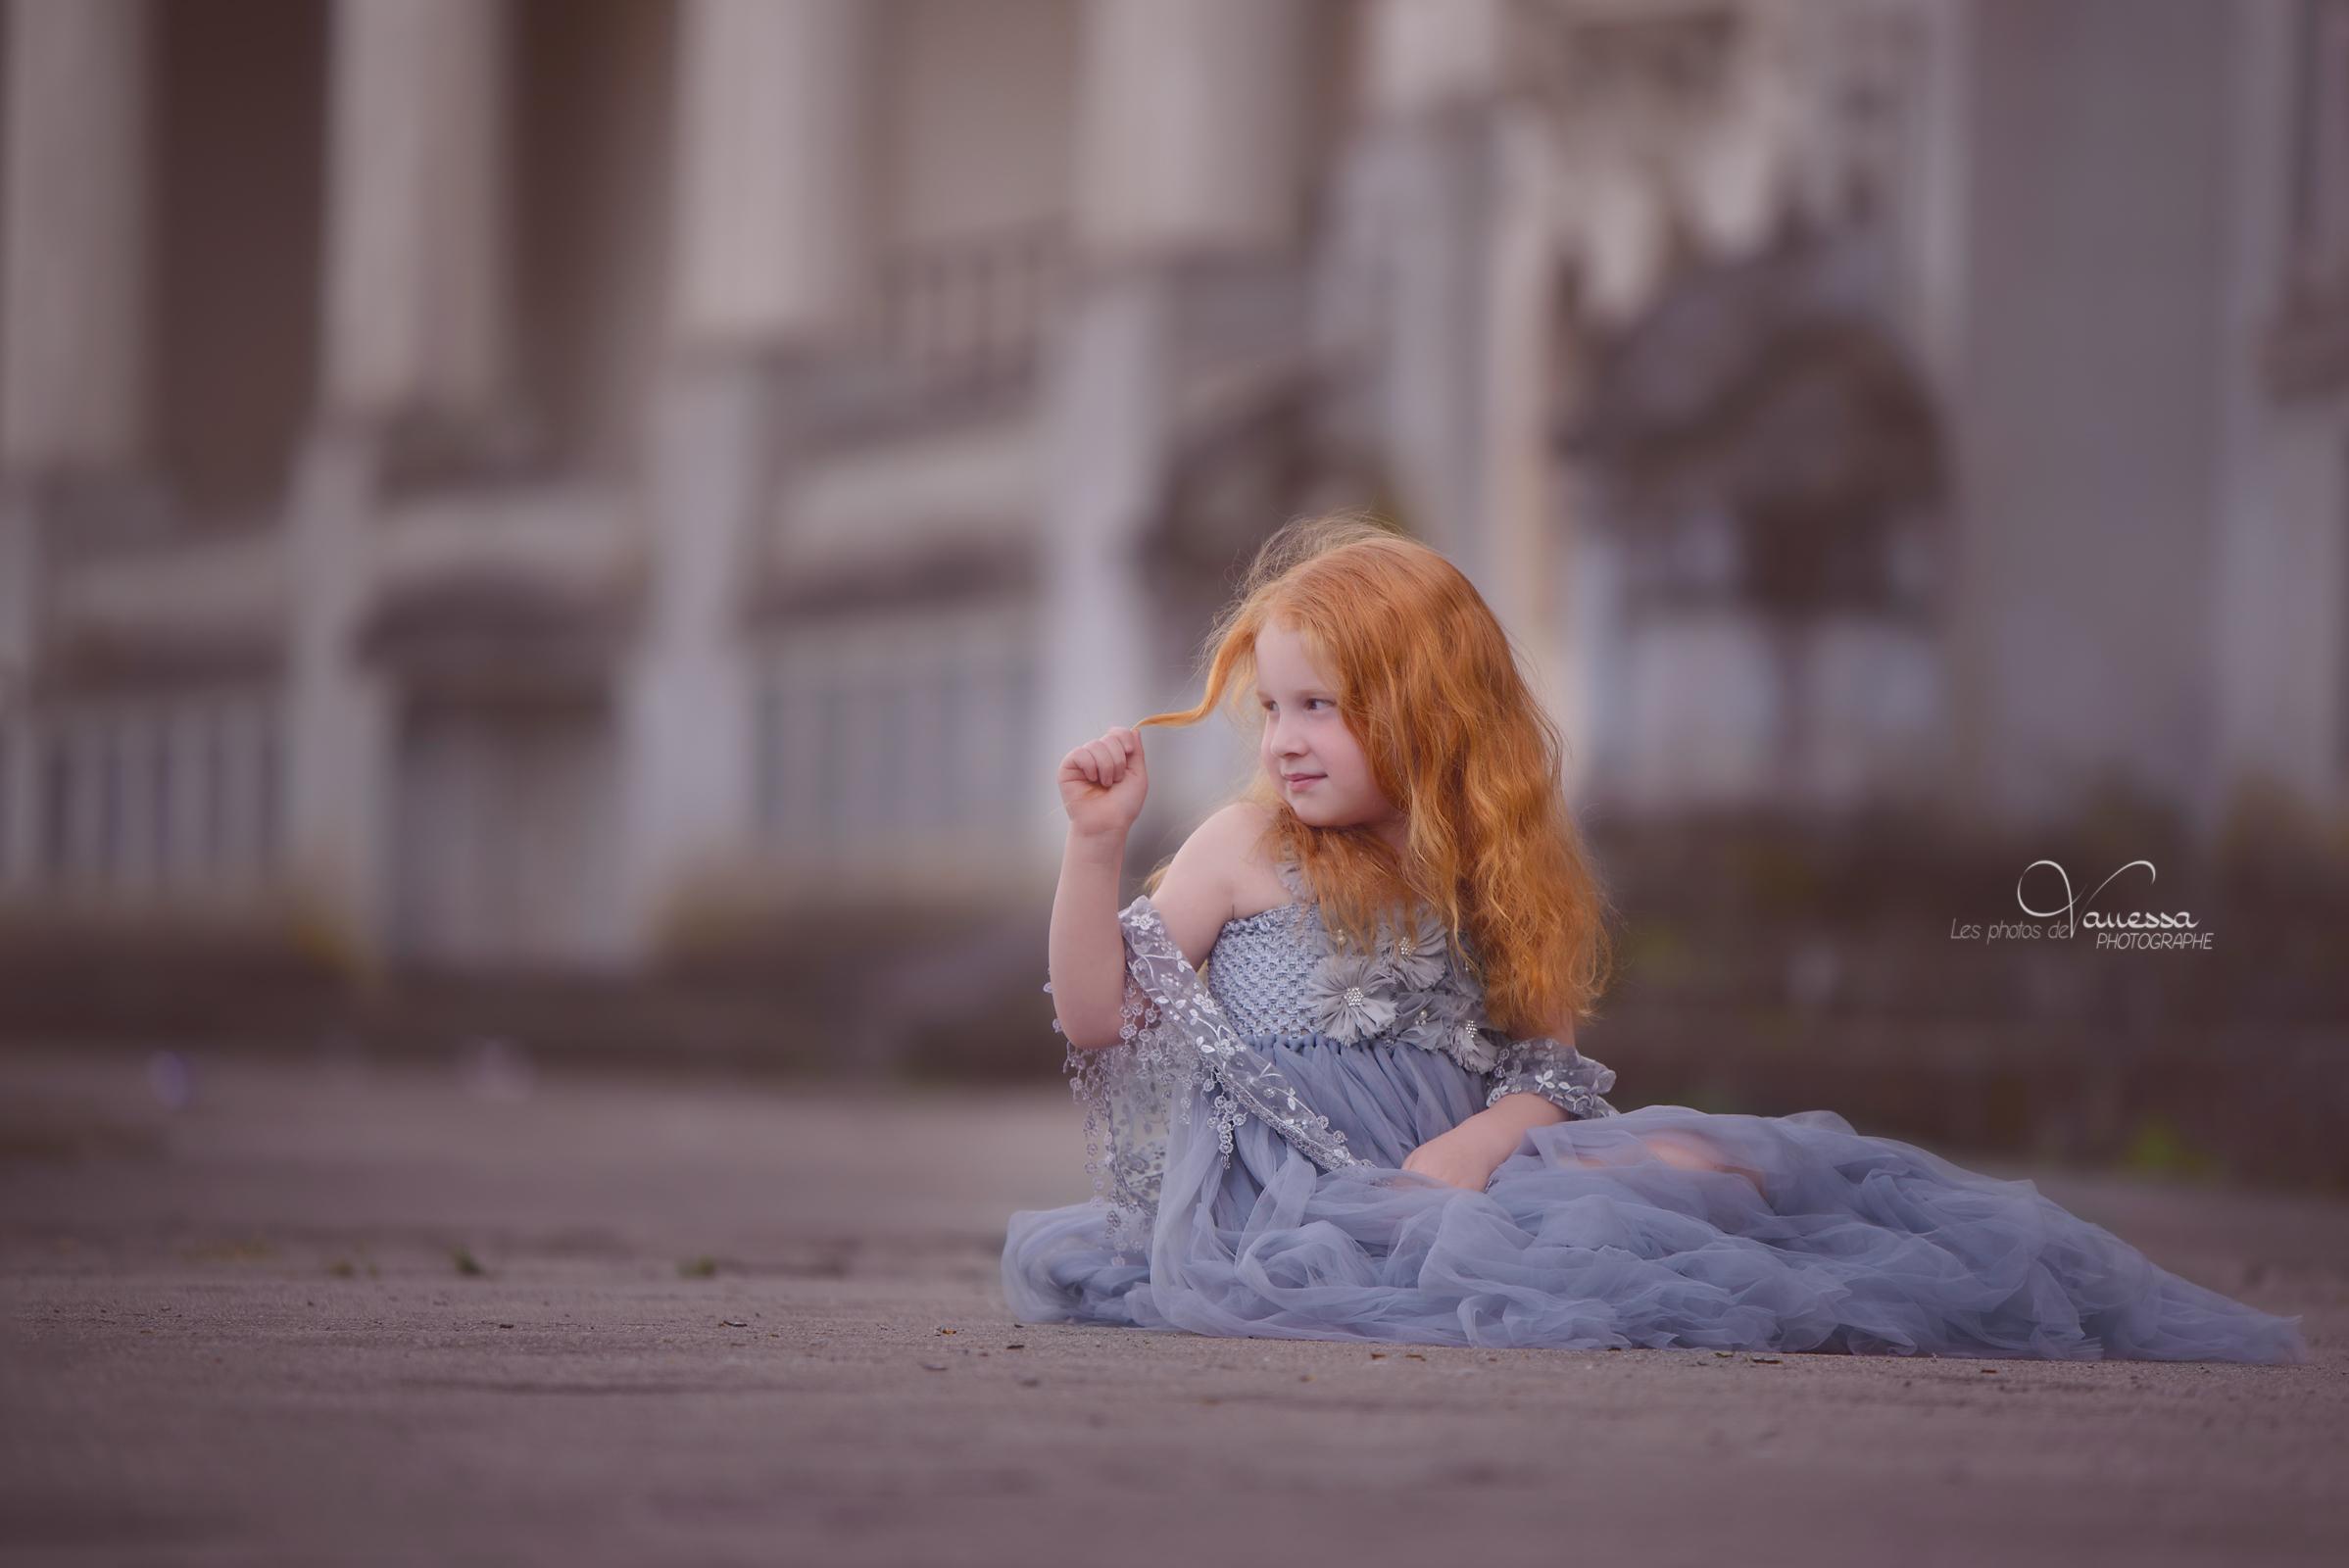 Séance photo enfant Gembloux